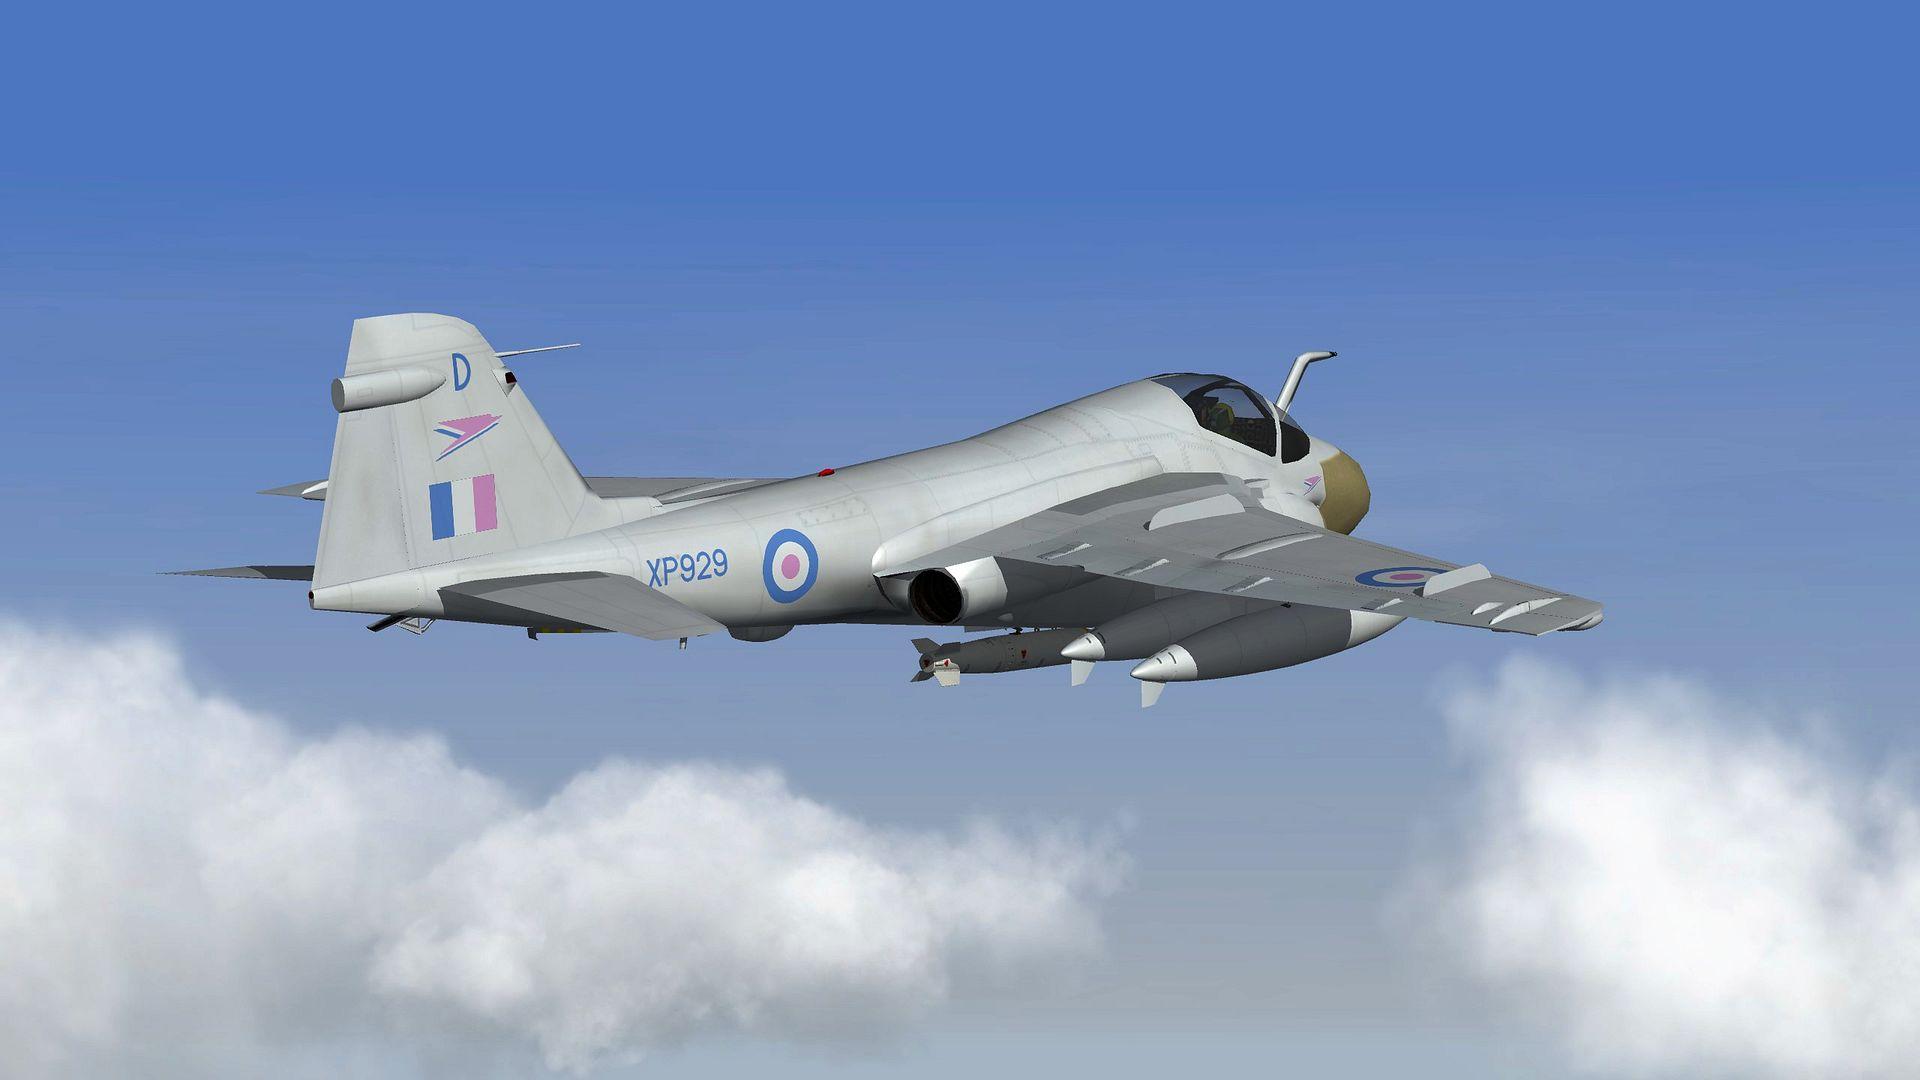 RAF%20INTRUDER%20S1.07_zpsqcozaazq.jpg